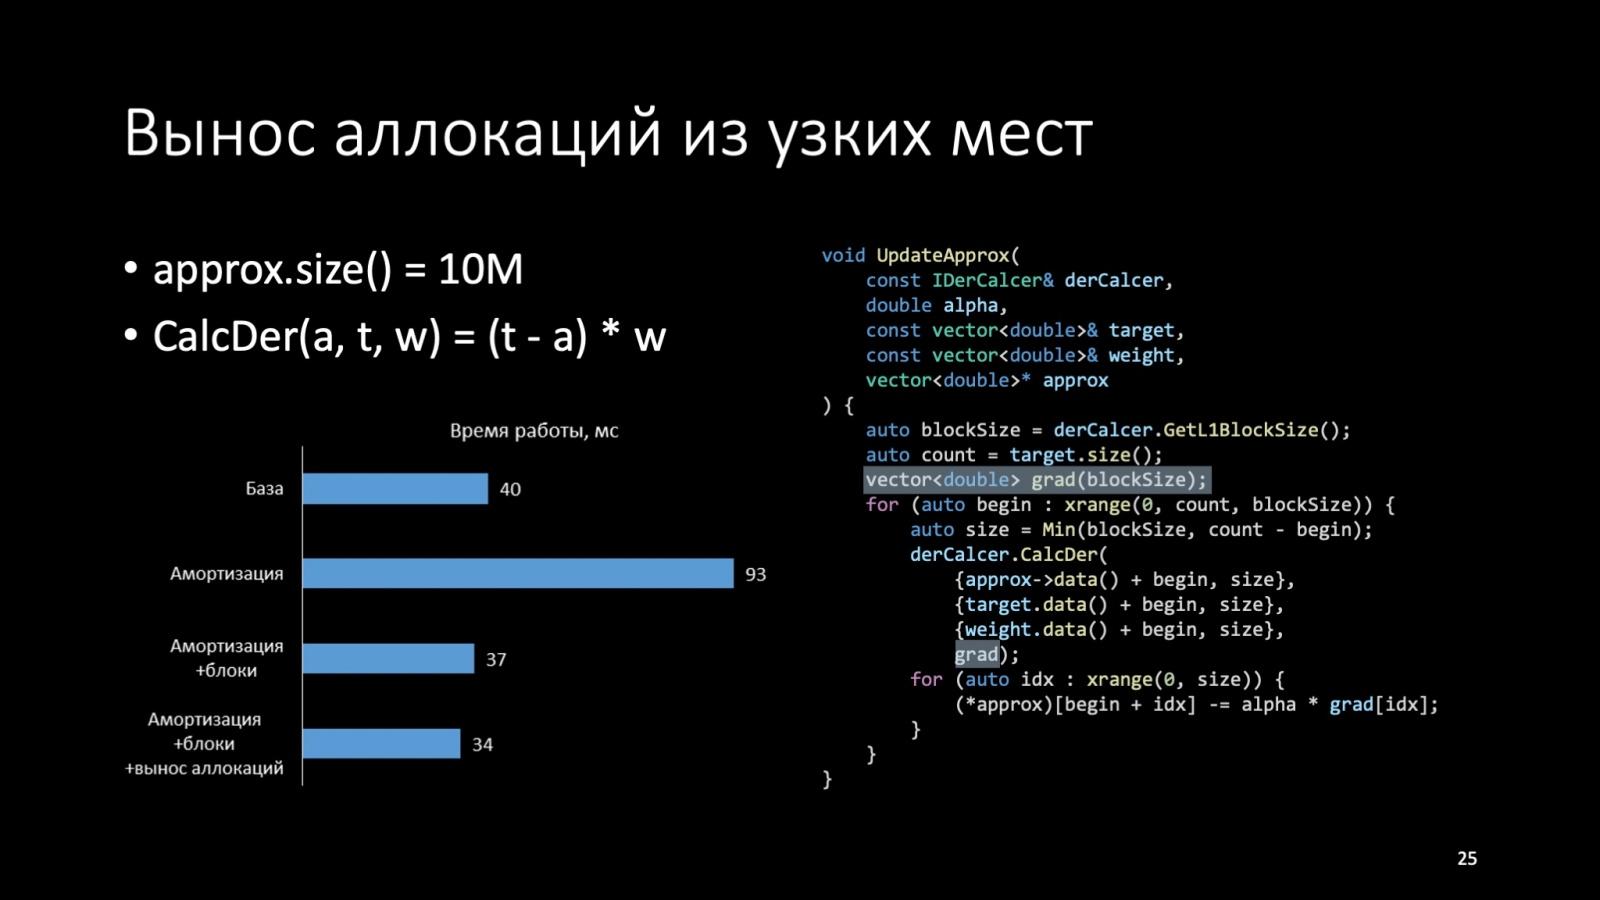 Оптимизация C++: совмещаем скорость и высокий уровень. Доклад Яндекса - 25